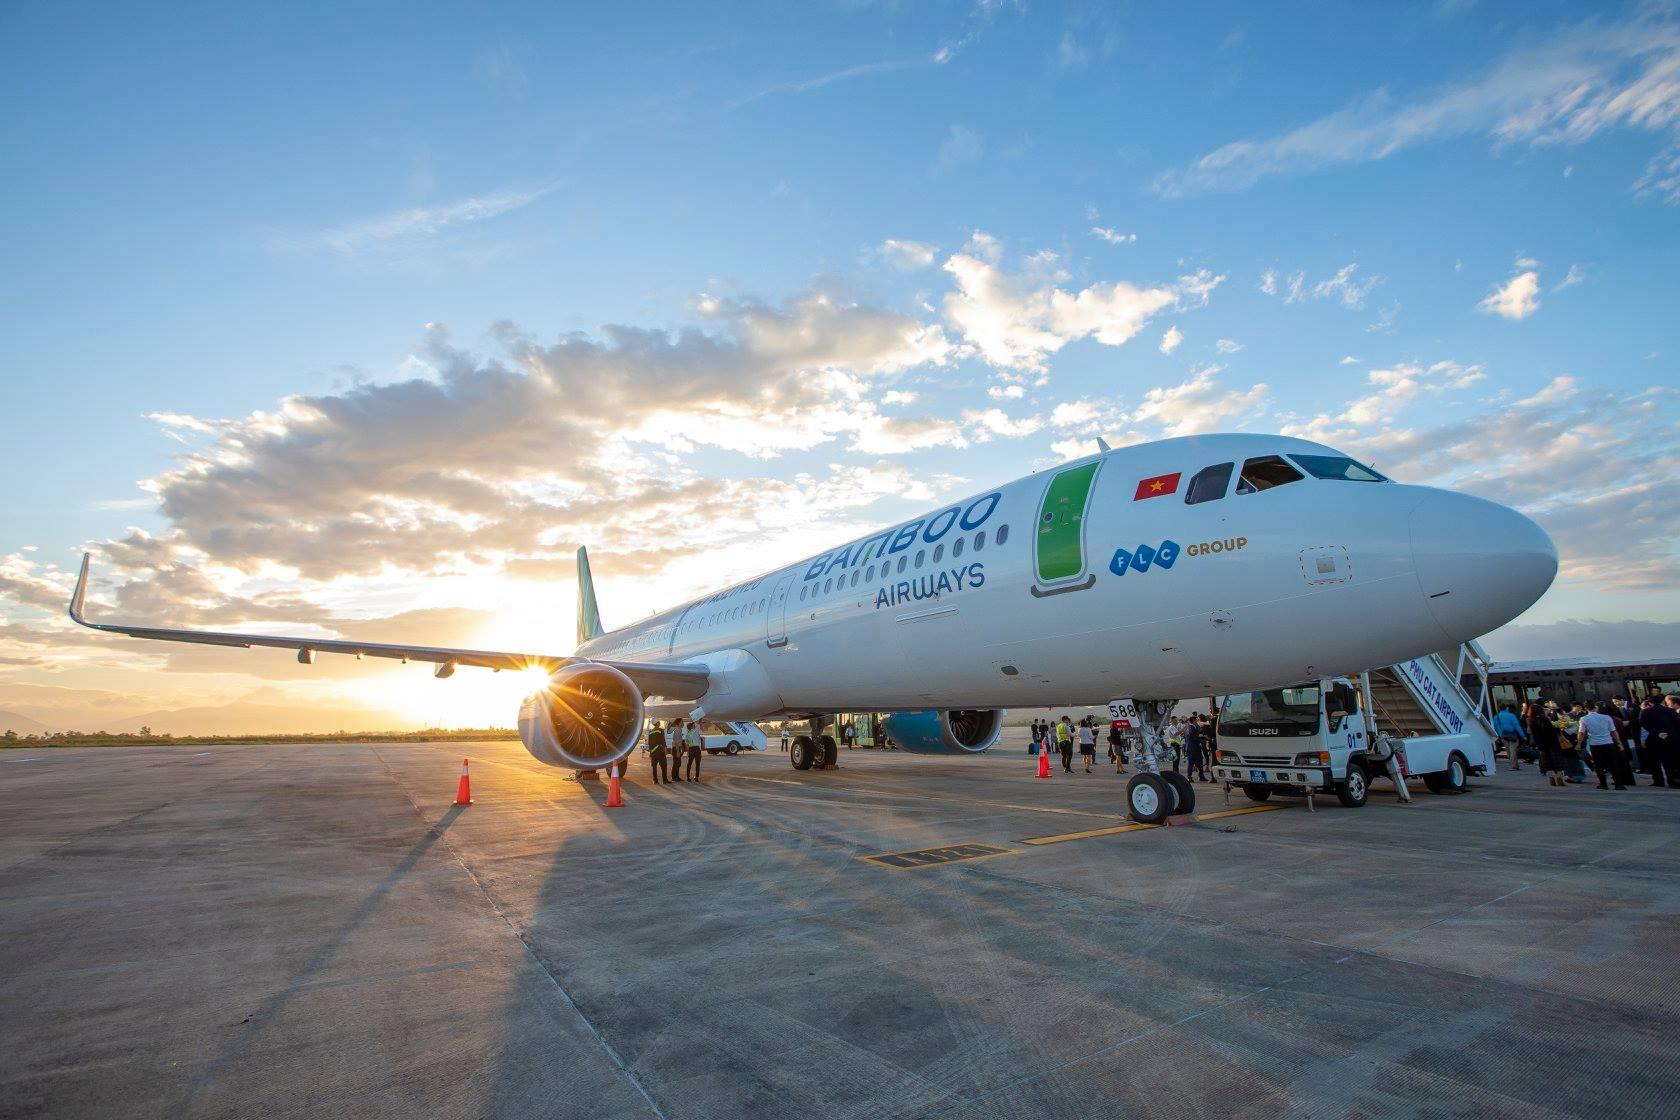 バンブー航空、GWにハノイー茨城間チャーター便運航,ベトナム,茨城,ハノイ,バンブー航空